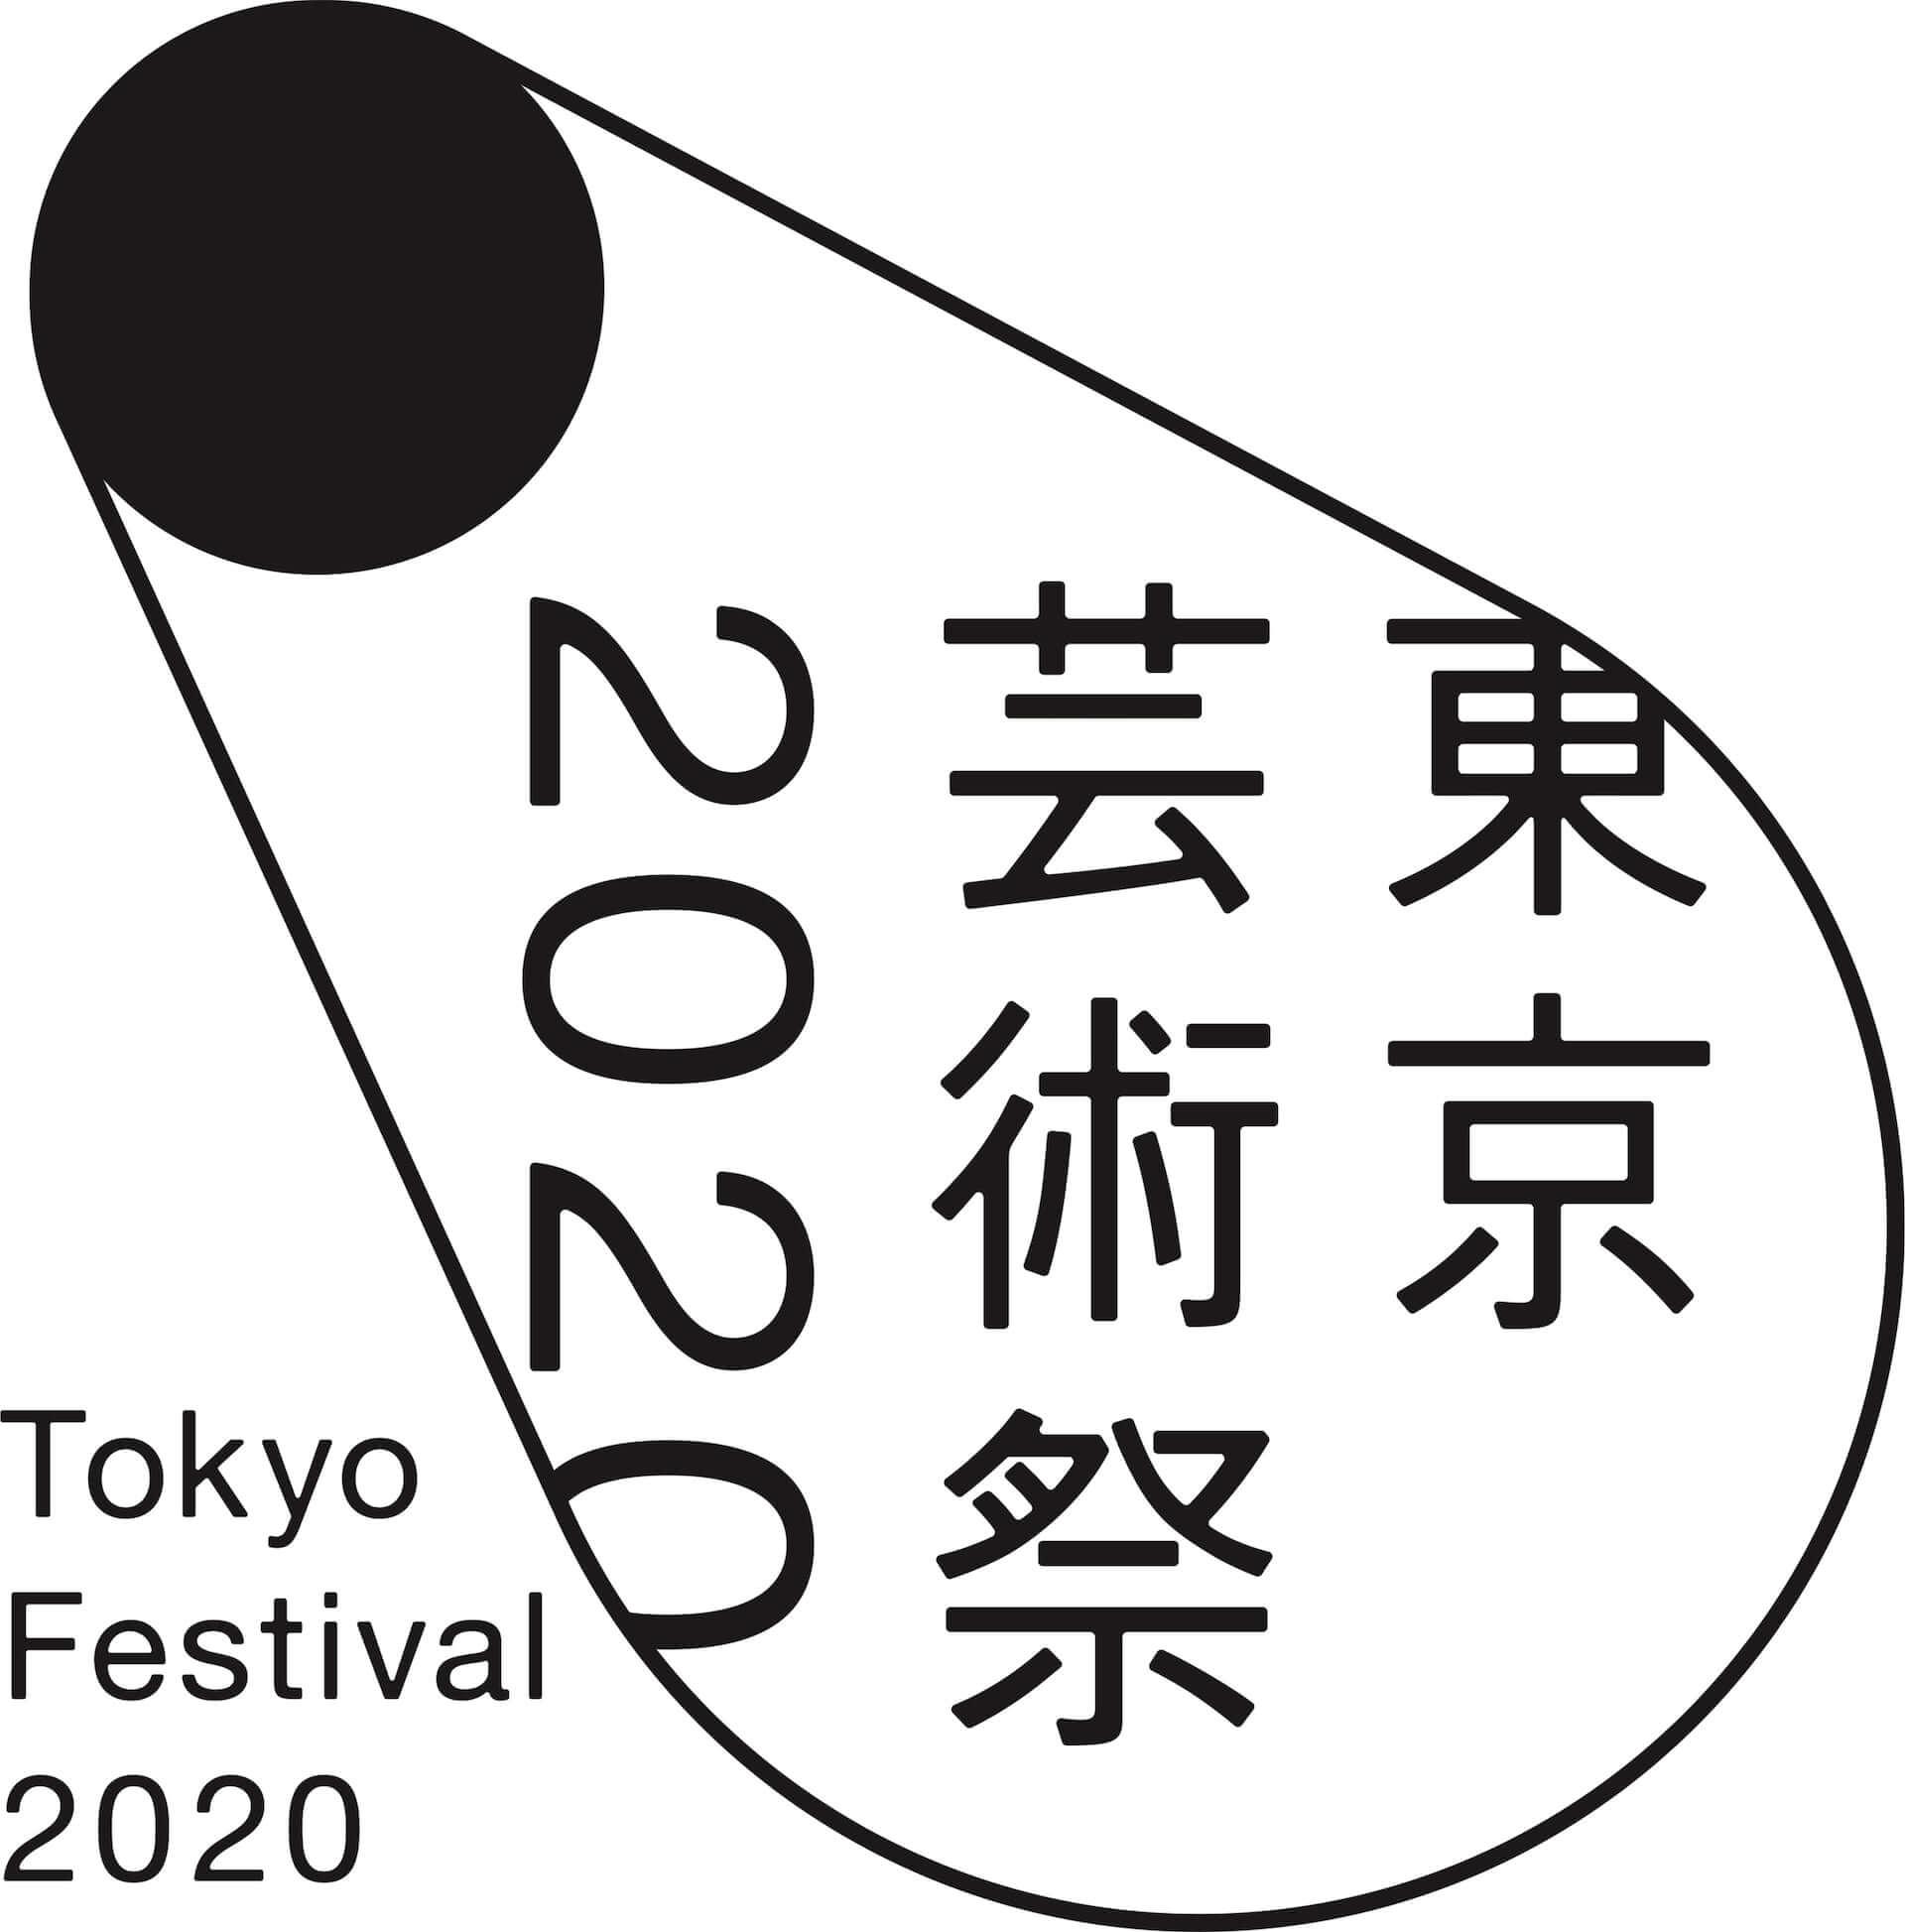 <東京芸術祭 2020>が池袋エリアを中心に開催決定|多様な実施形態も検討中 art200706_tokyo_festival_1-1920x1947